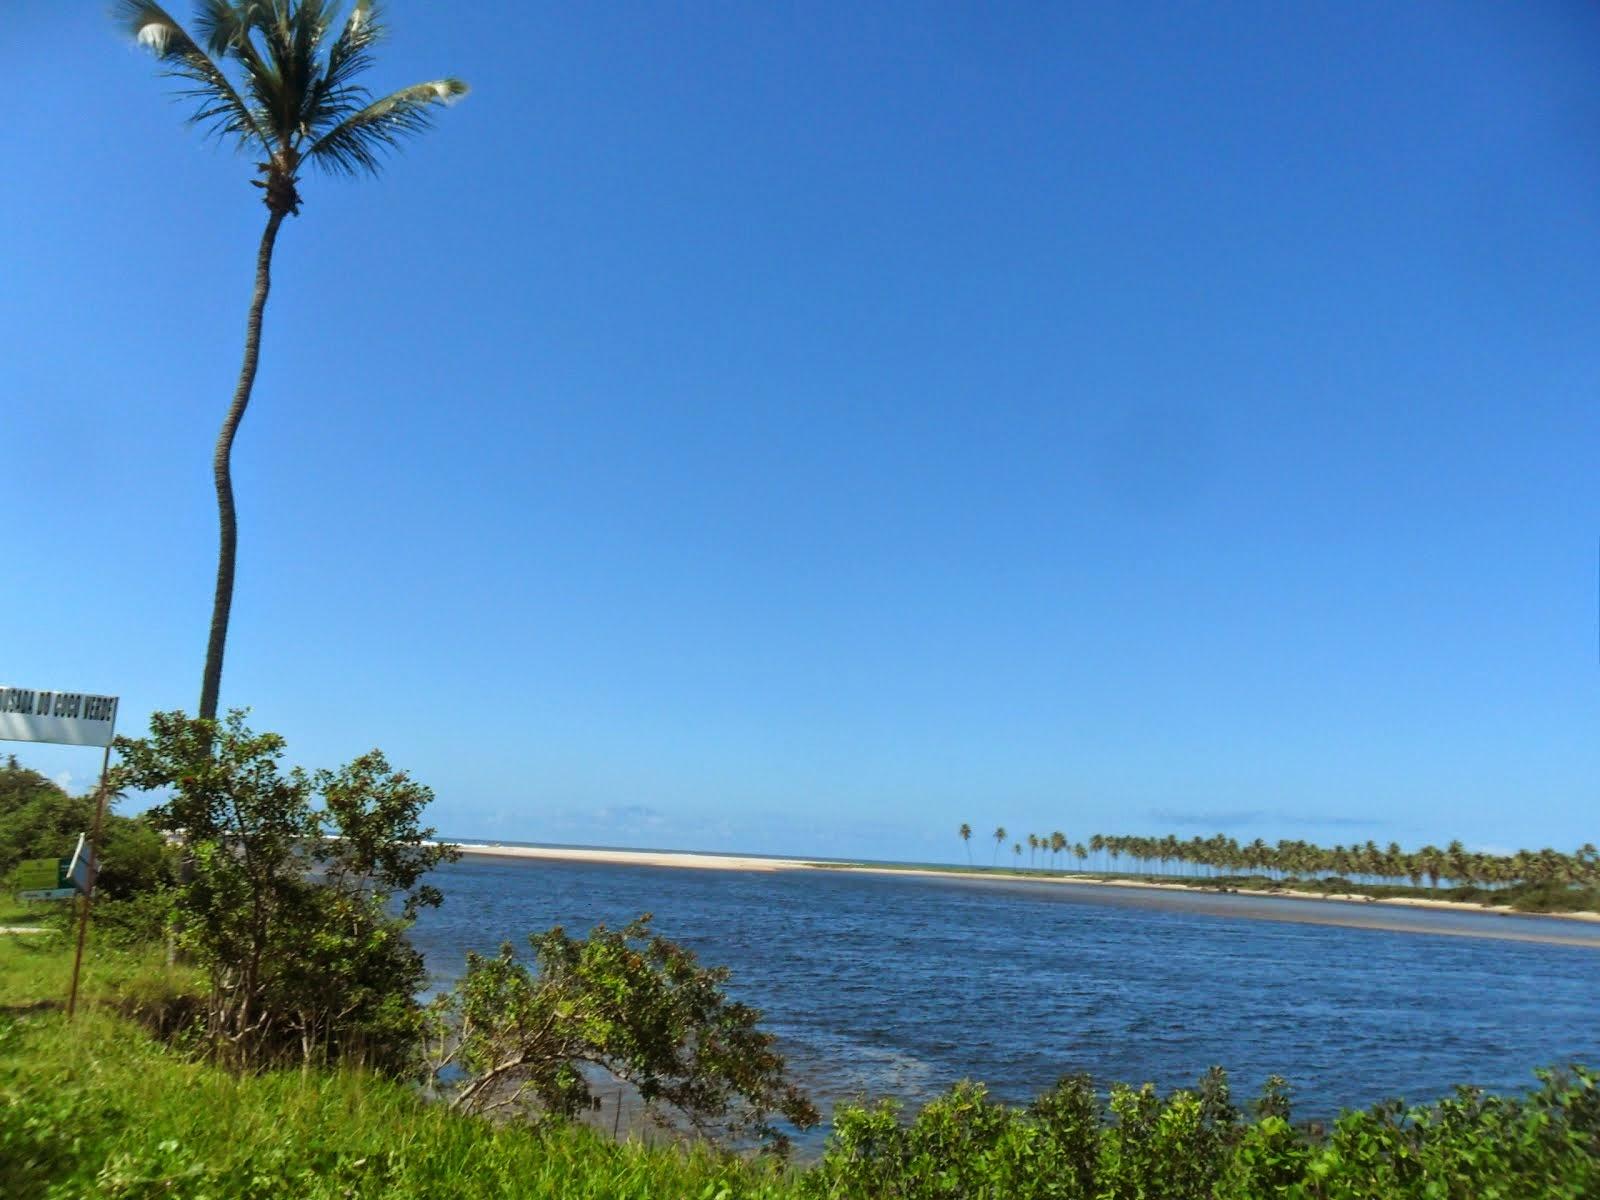 O rio Rio Jacuipe desembocando no mar.